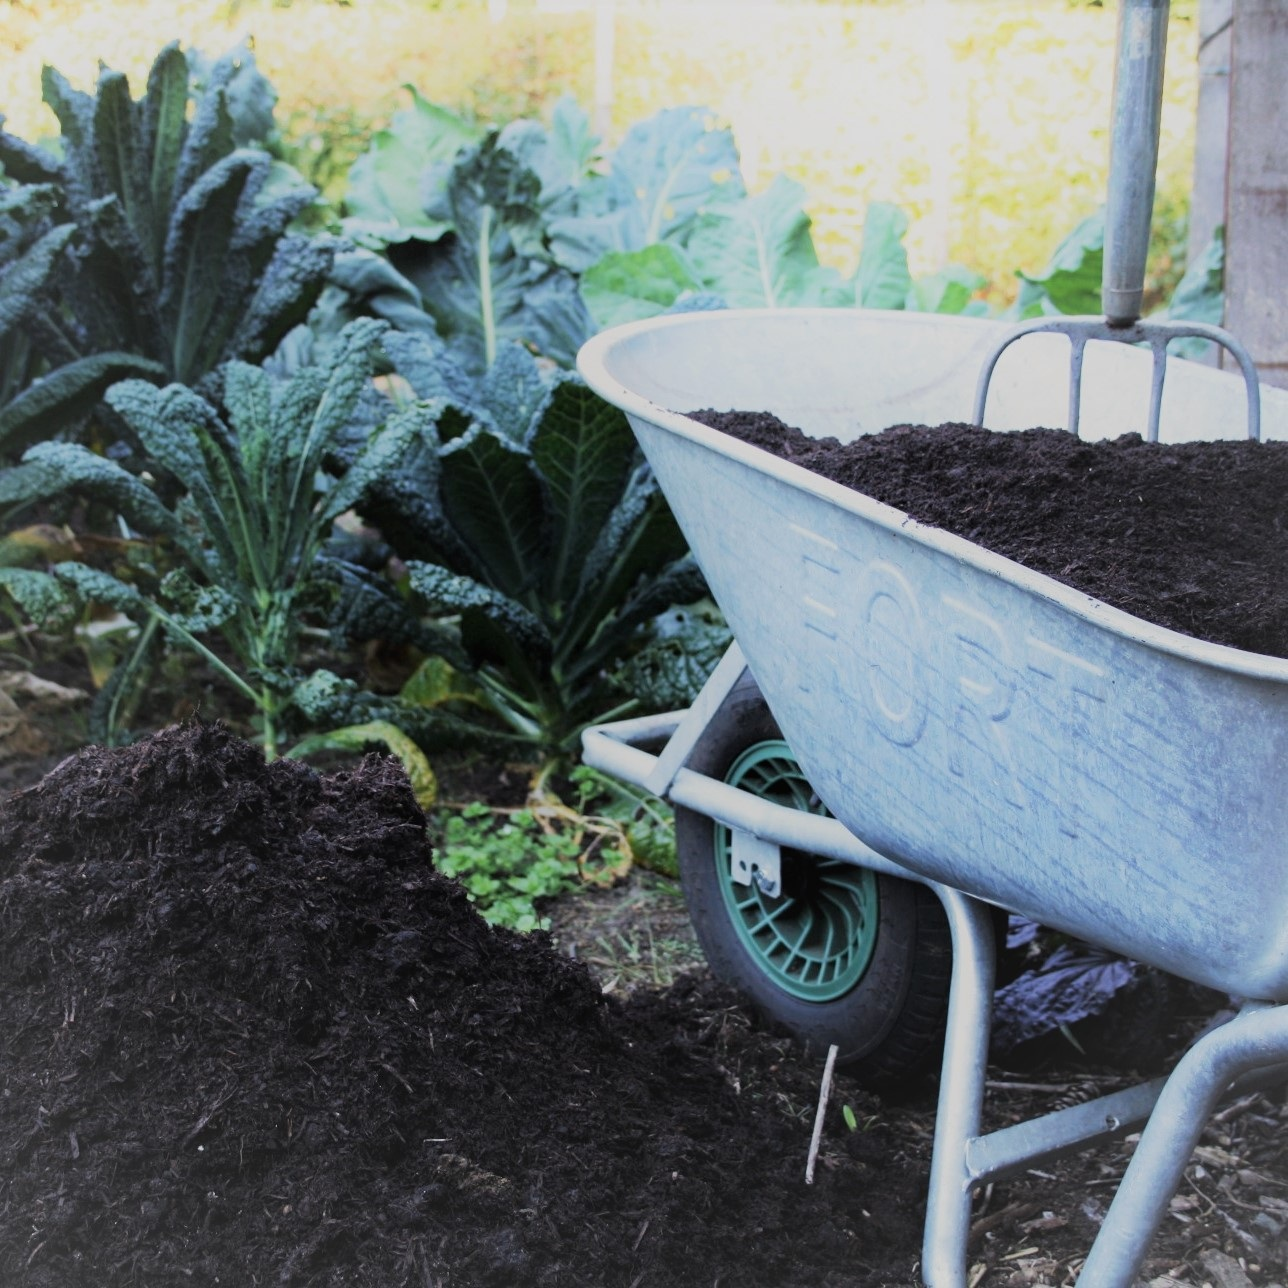 Bio-kultura - 10% korting met de code 'klookertuinieren' op alle tuinaarde, potgrond en mestcompost.